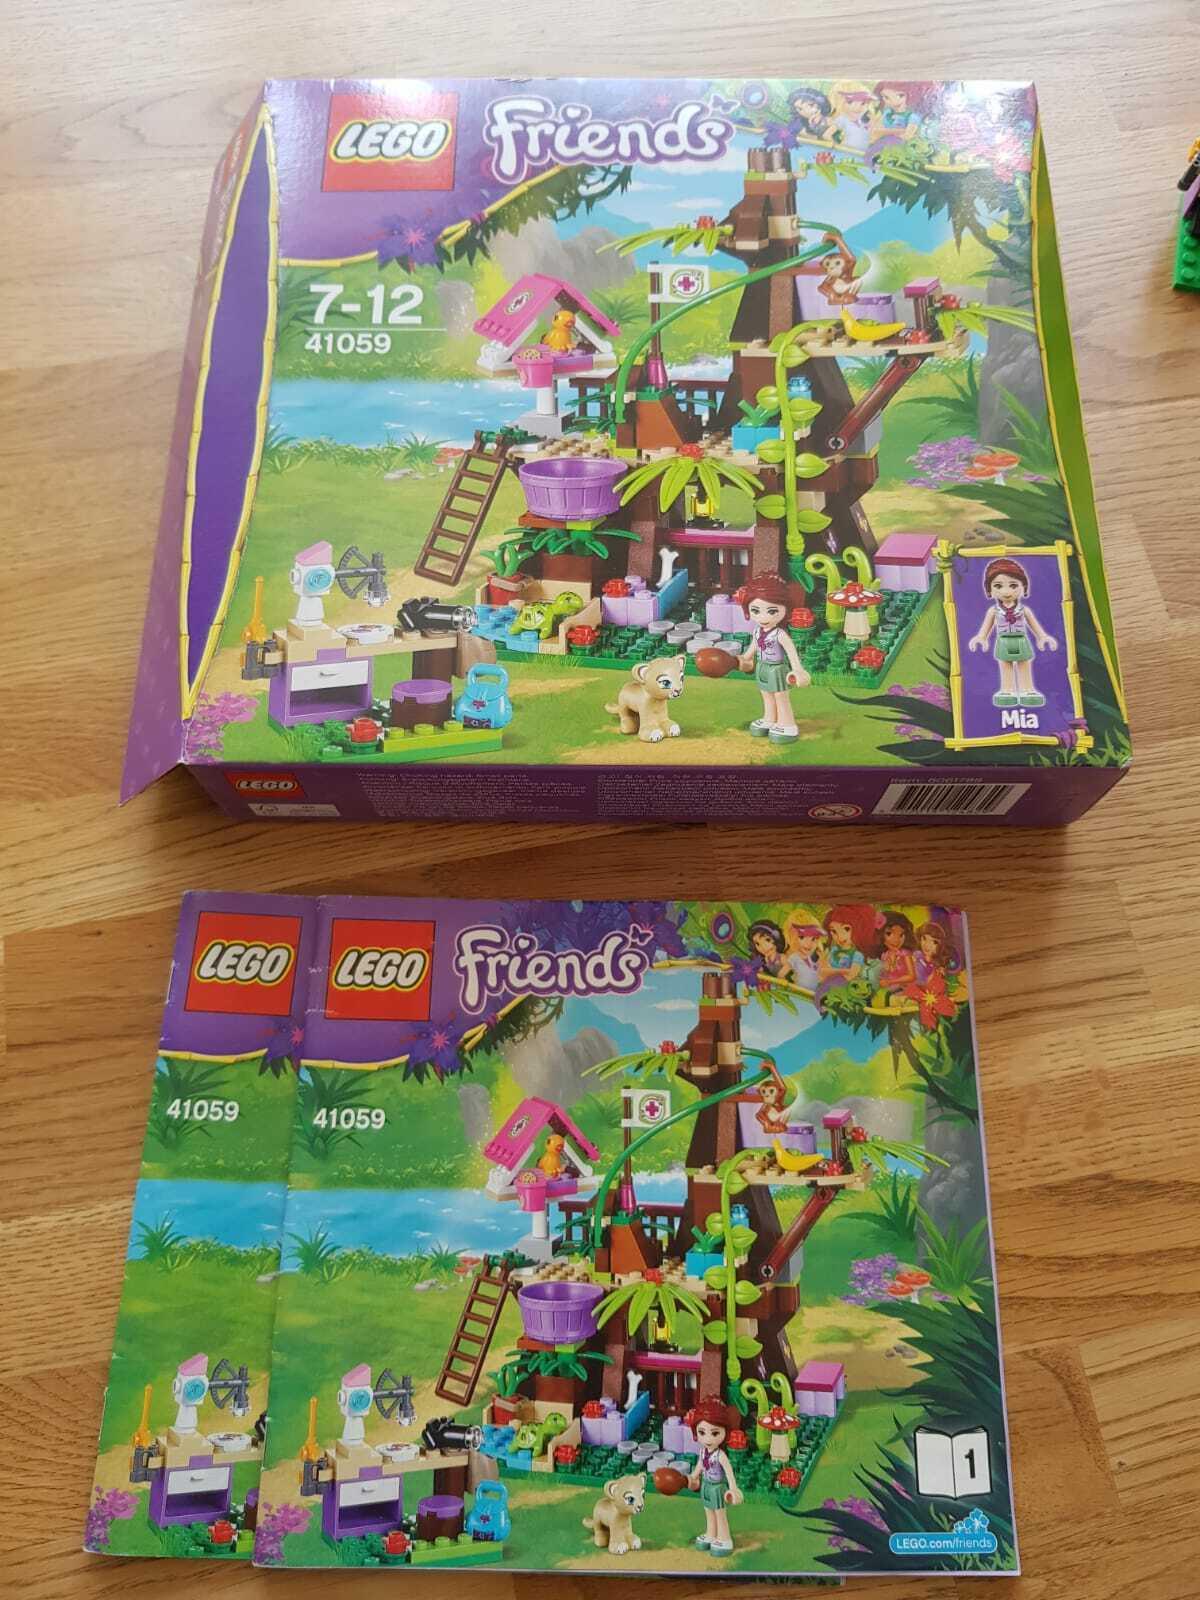 +++  LEGO Friends 41059 - Unterschlupf am Dschungelbaum  +++